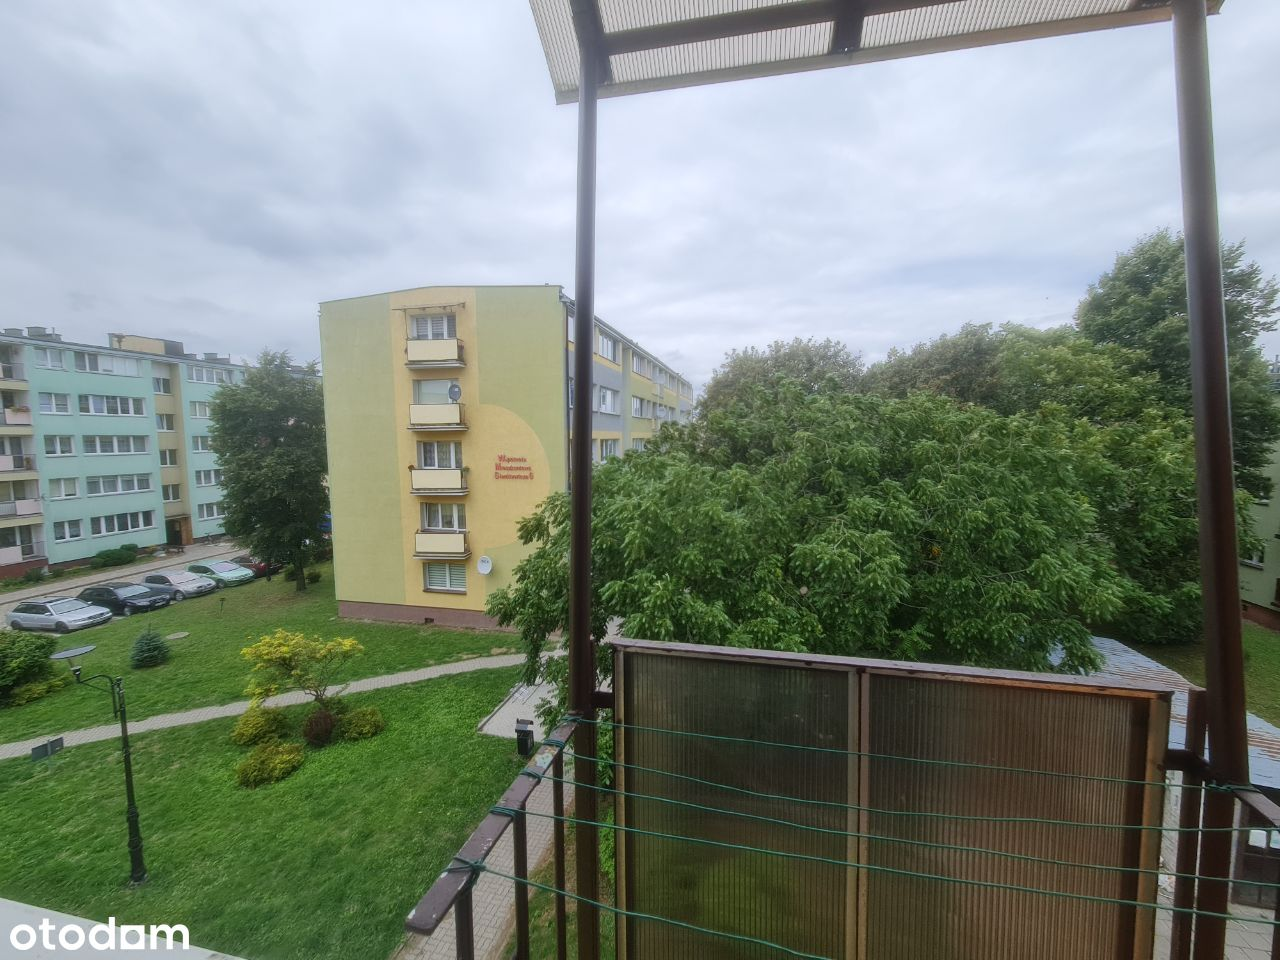 Mieszkanie 37,5 m2 - ul. Sienkiewicza 3/7 - W-no